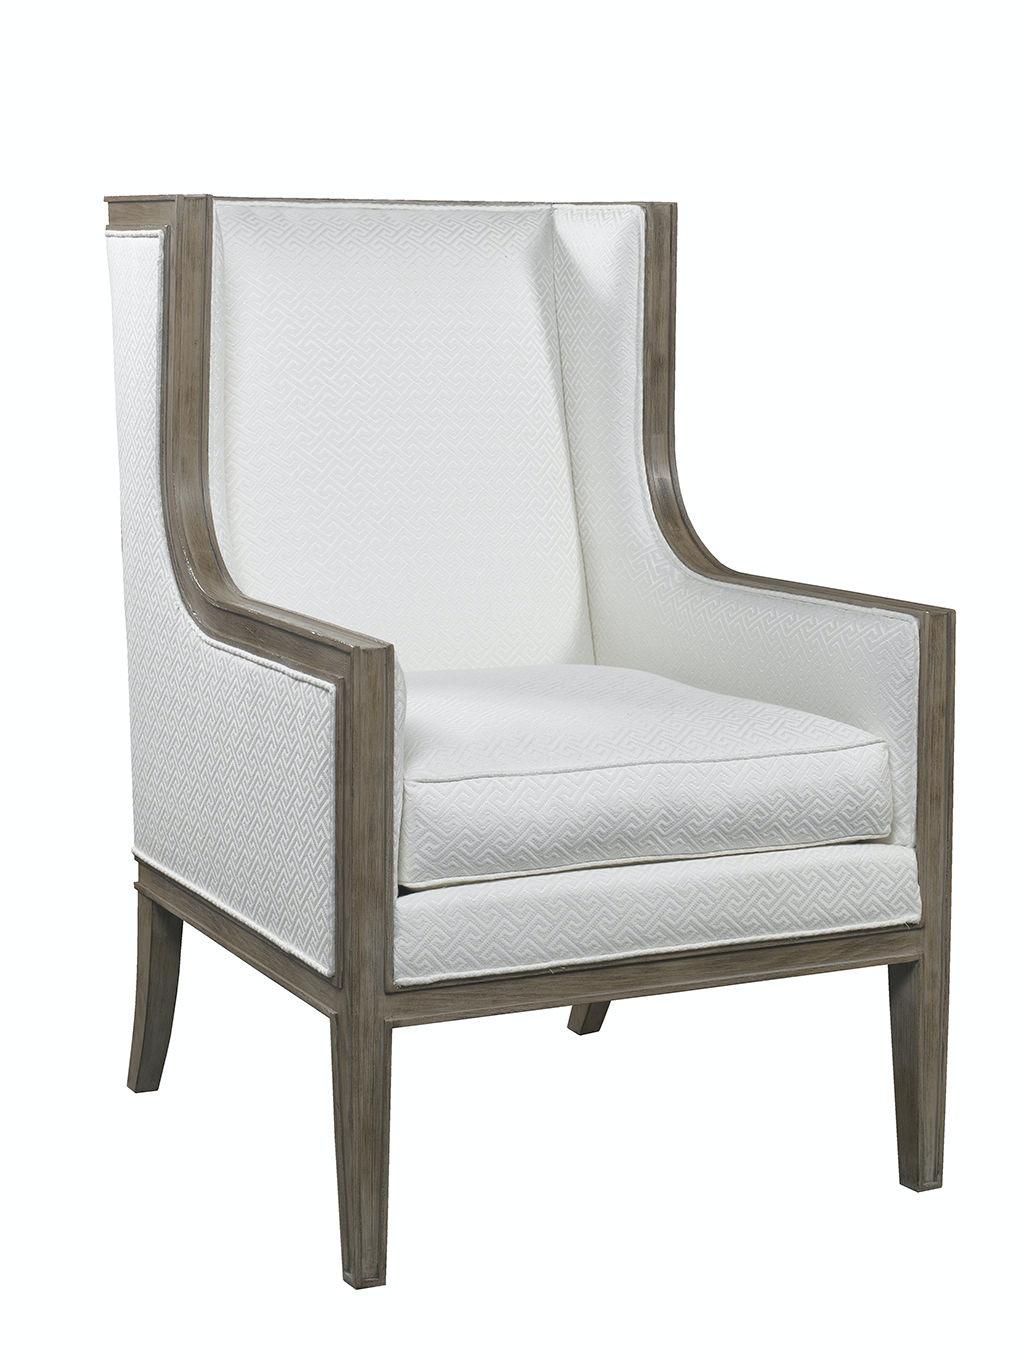 LA1130C. Jana Chair · LA1130C · Lillian August For Hickory White